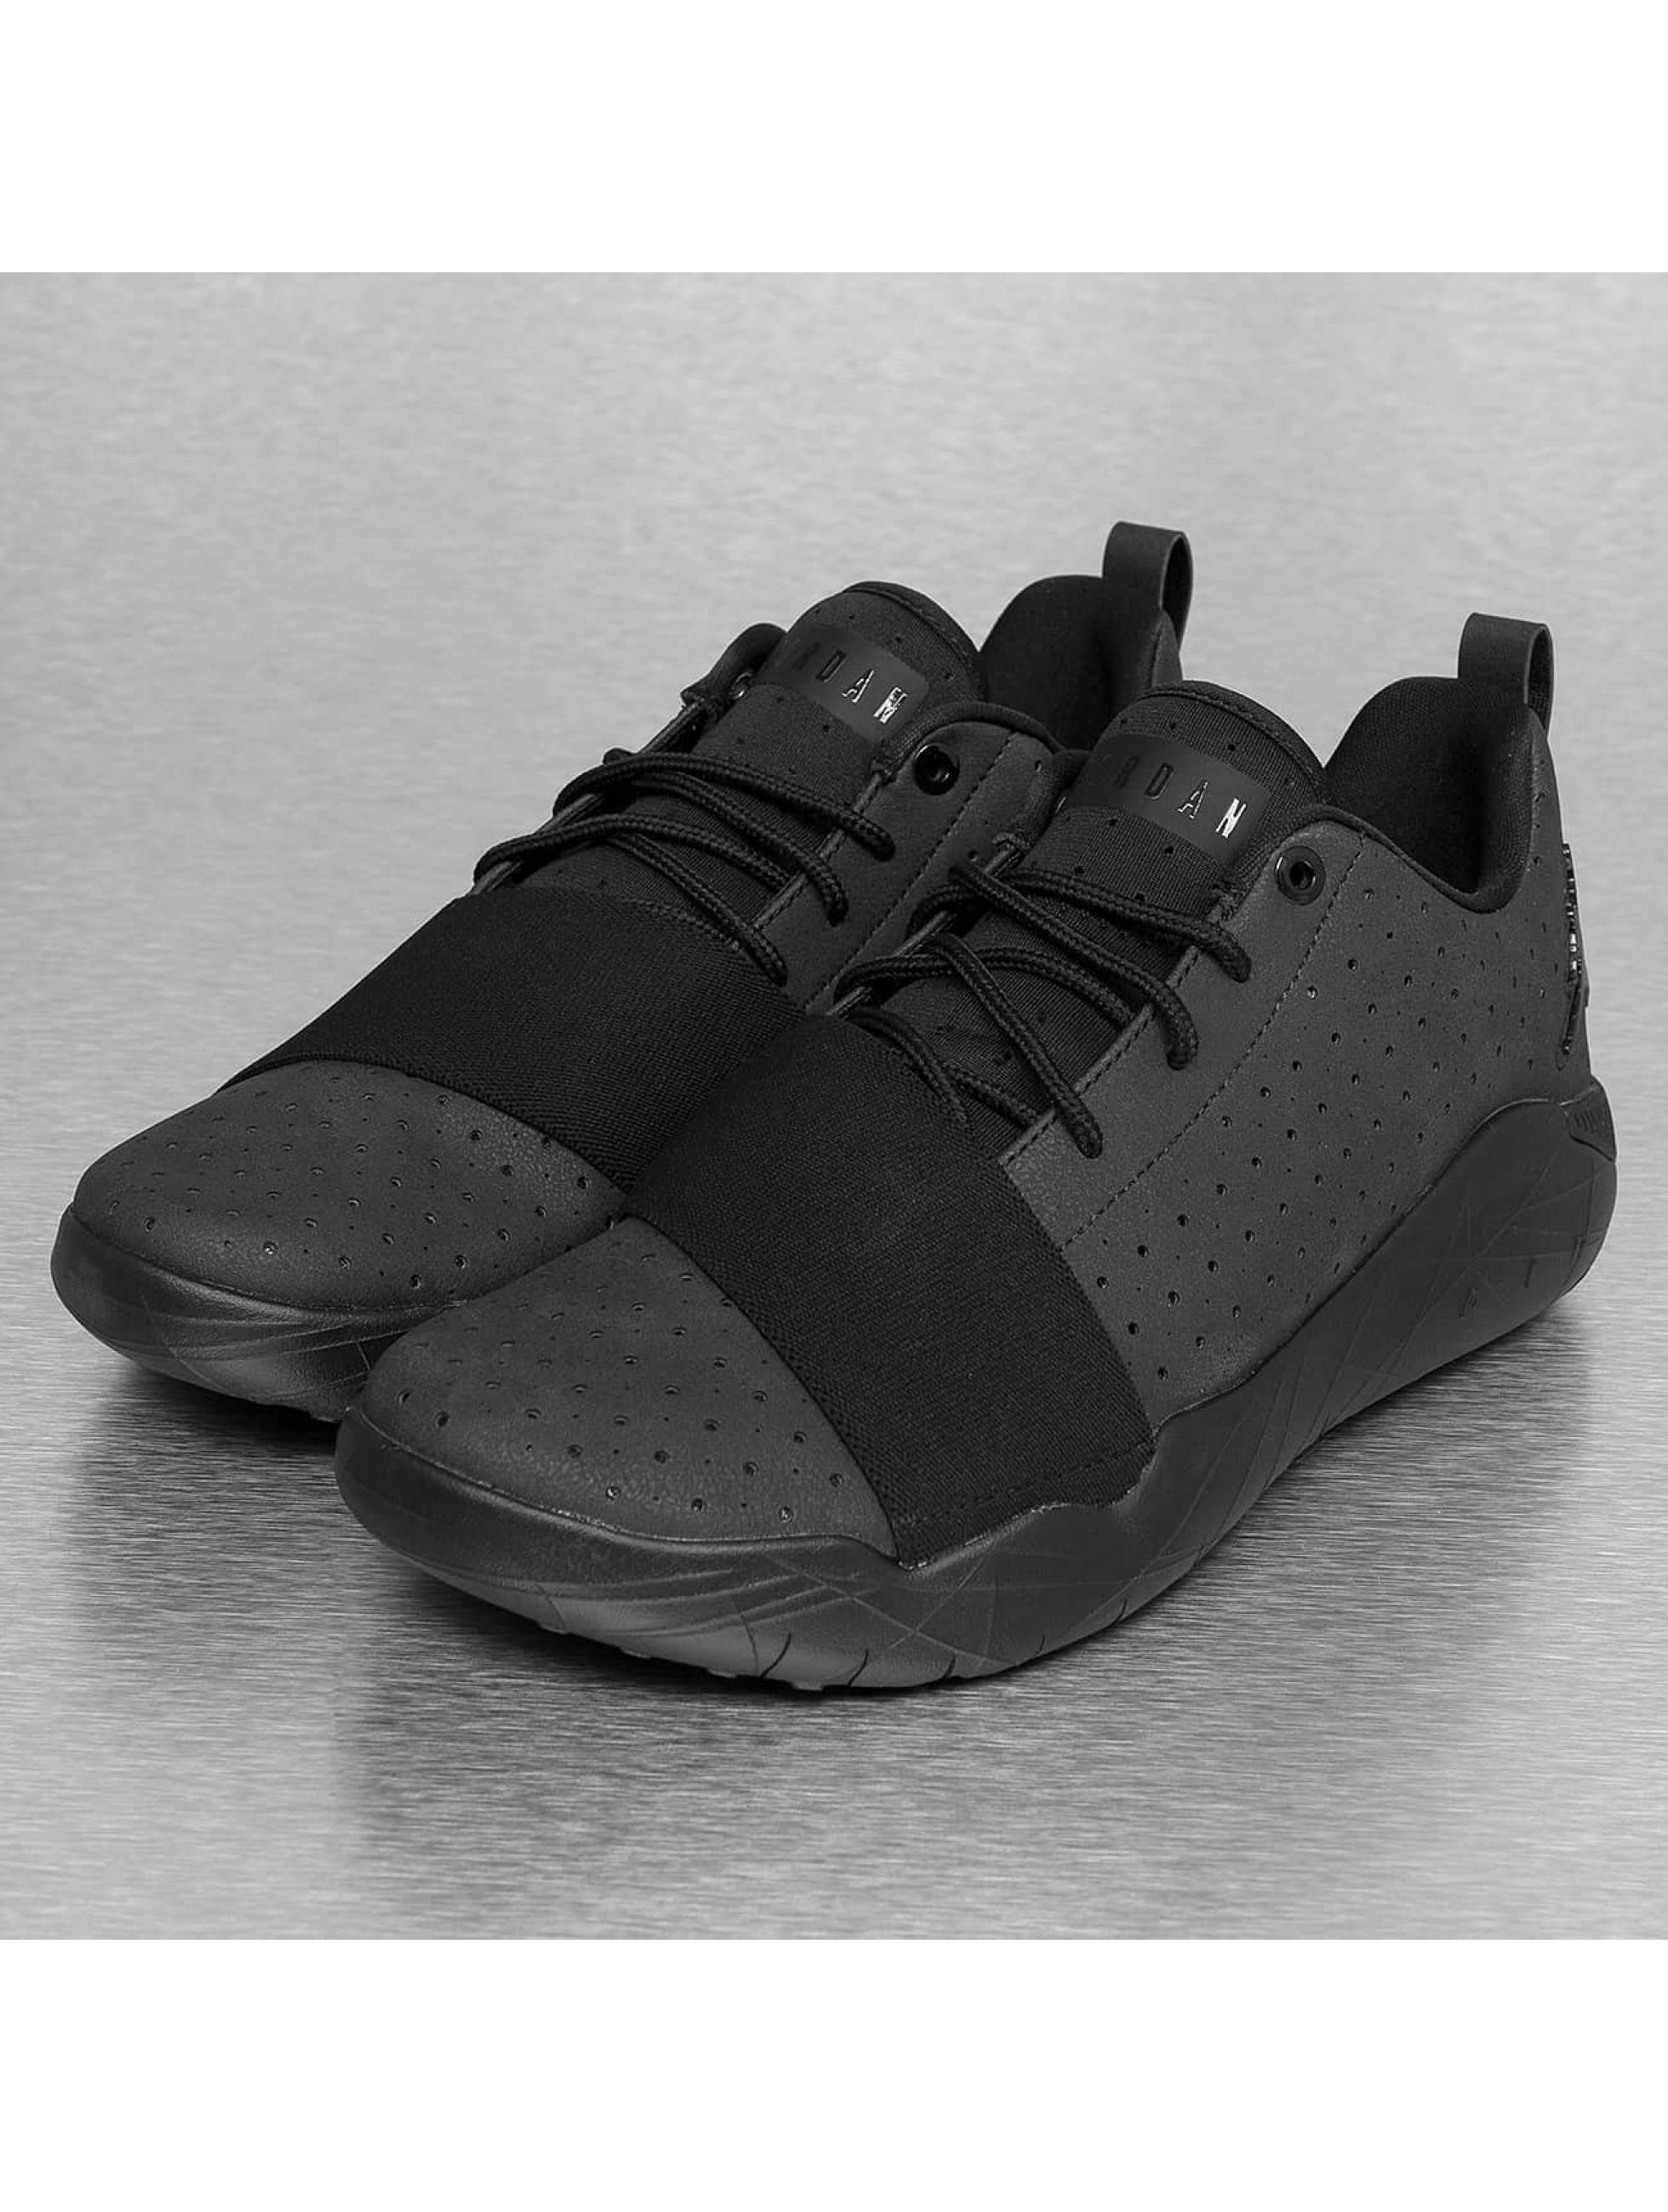 los angeles b2192 7efc1 Jordan Sneakers 23 Breakout svart